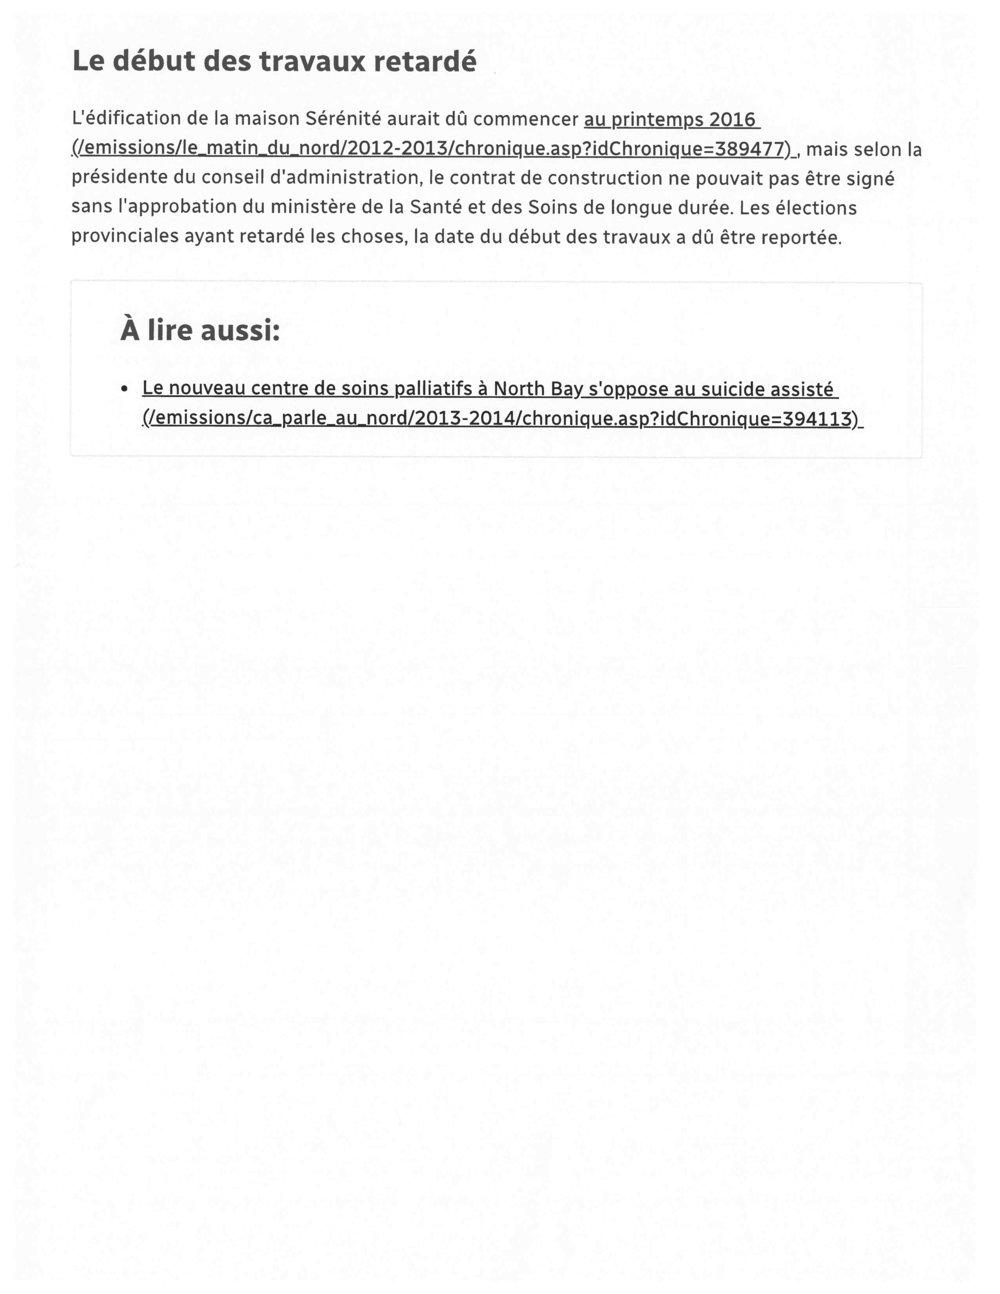 Première pelletée de terre pour une maison de soins palliatifs nord-ontarienne _ ICI.Radio-Canada.ca_Page_3.jpg